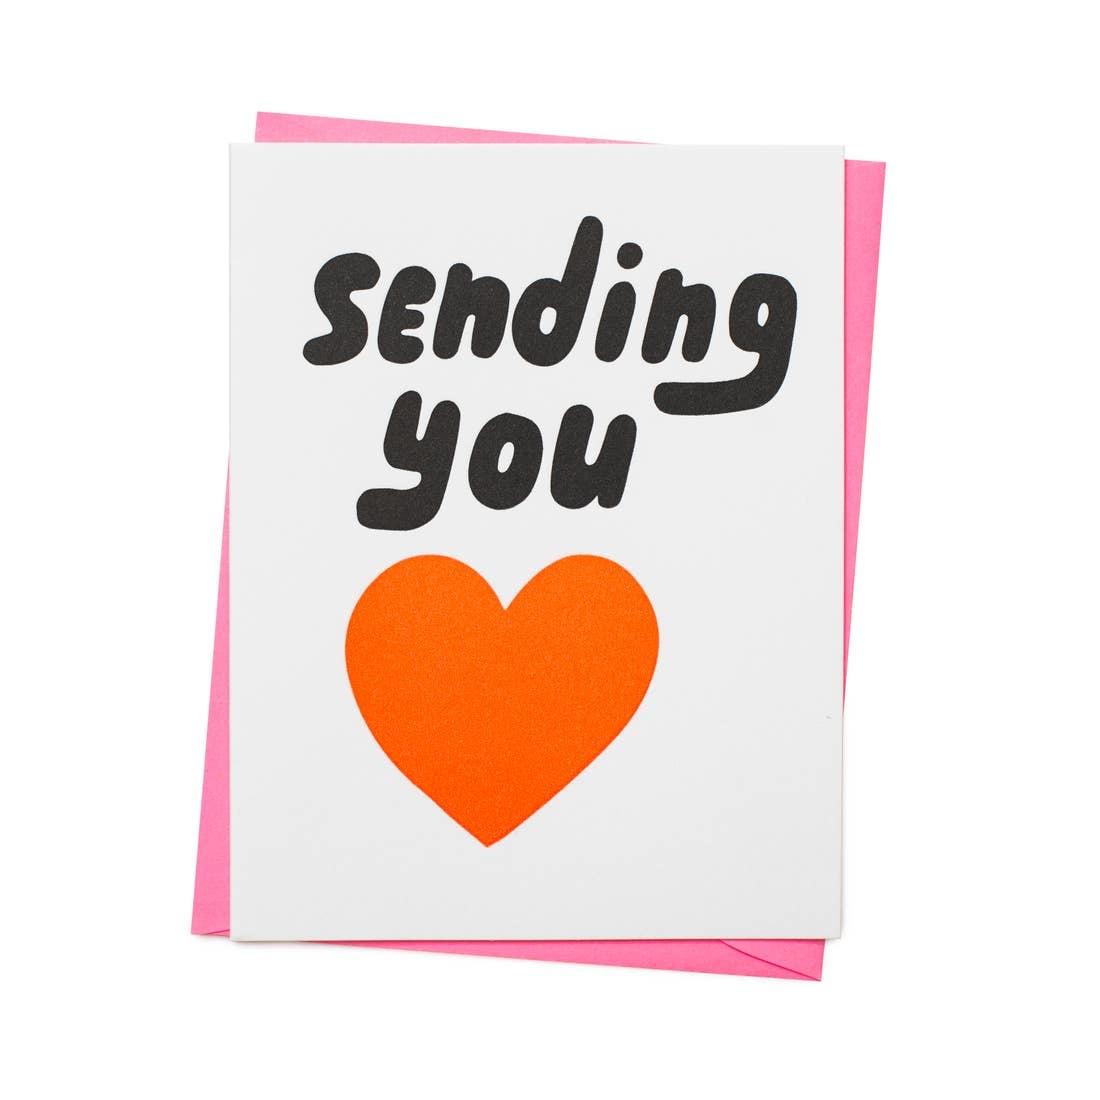 ASHKAHN & CO Sending You Heart Card